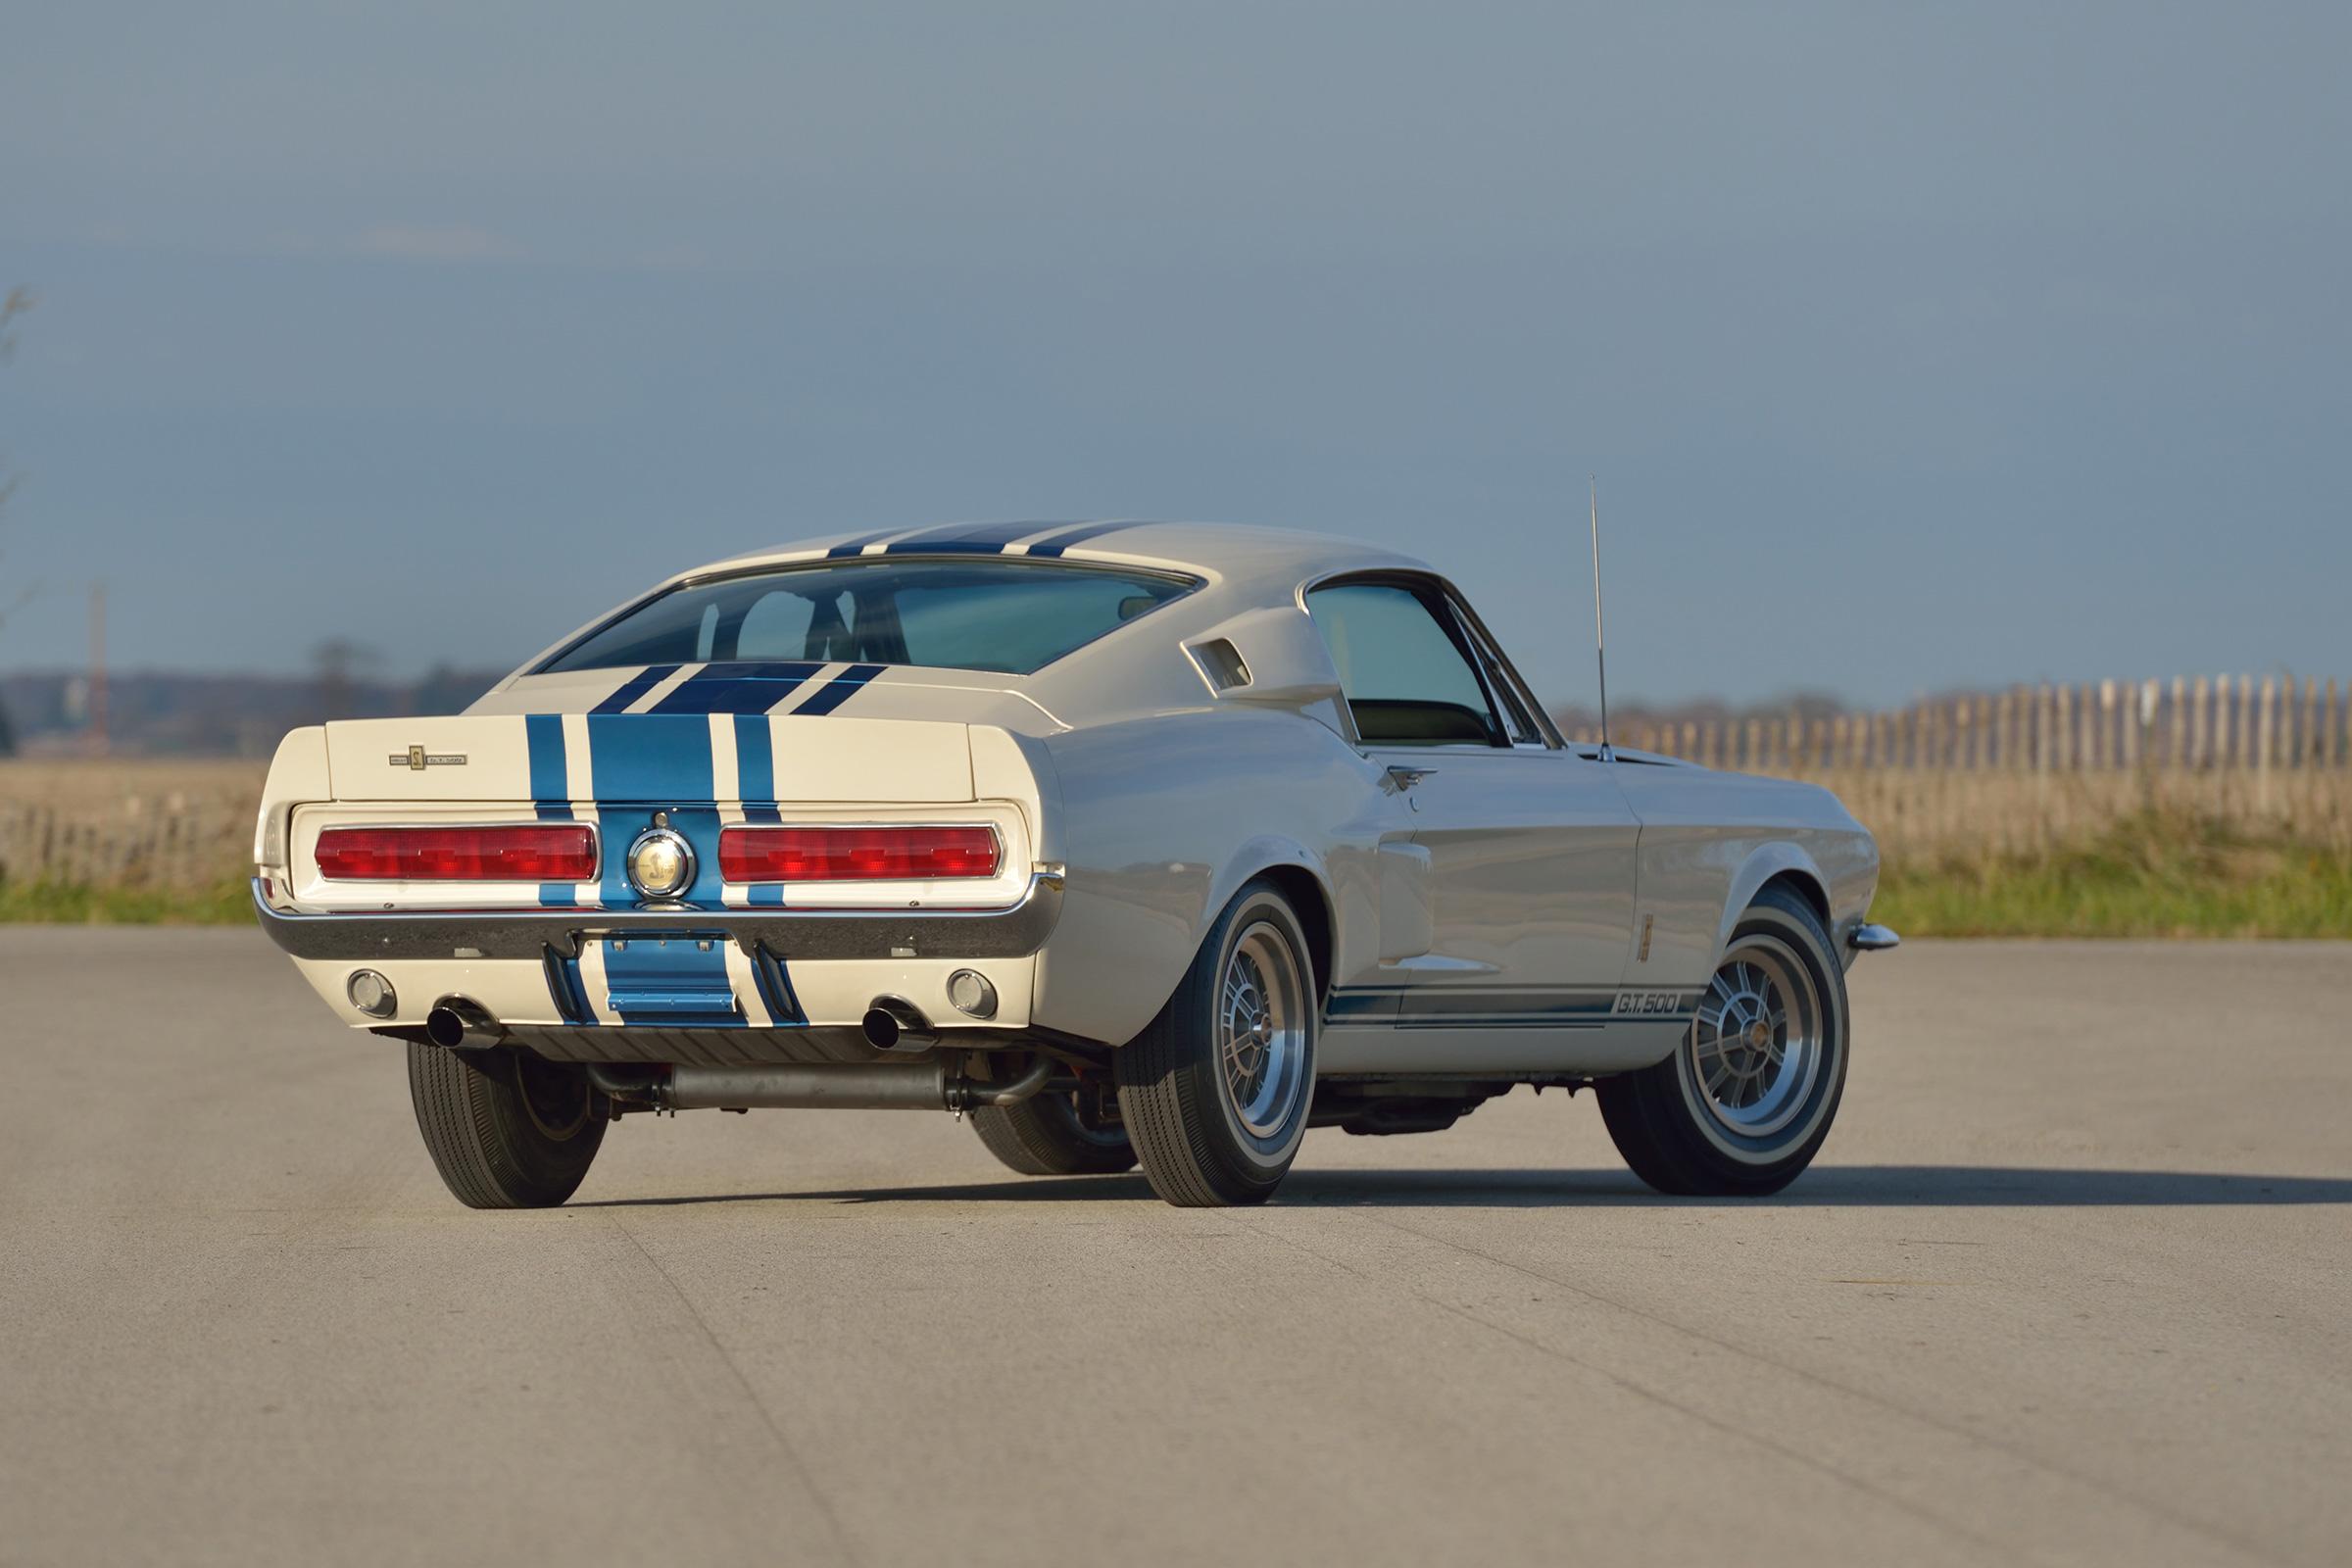 1967 Shelby Gt500 Super Snake Sells For Record Breaking 2 2million Evo